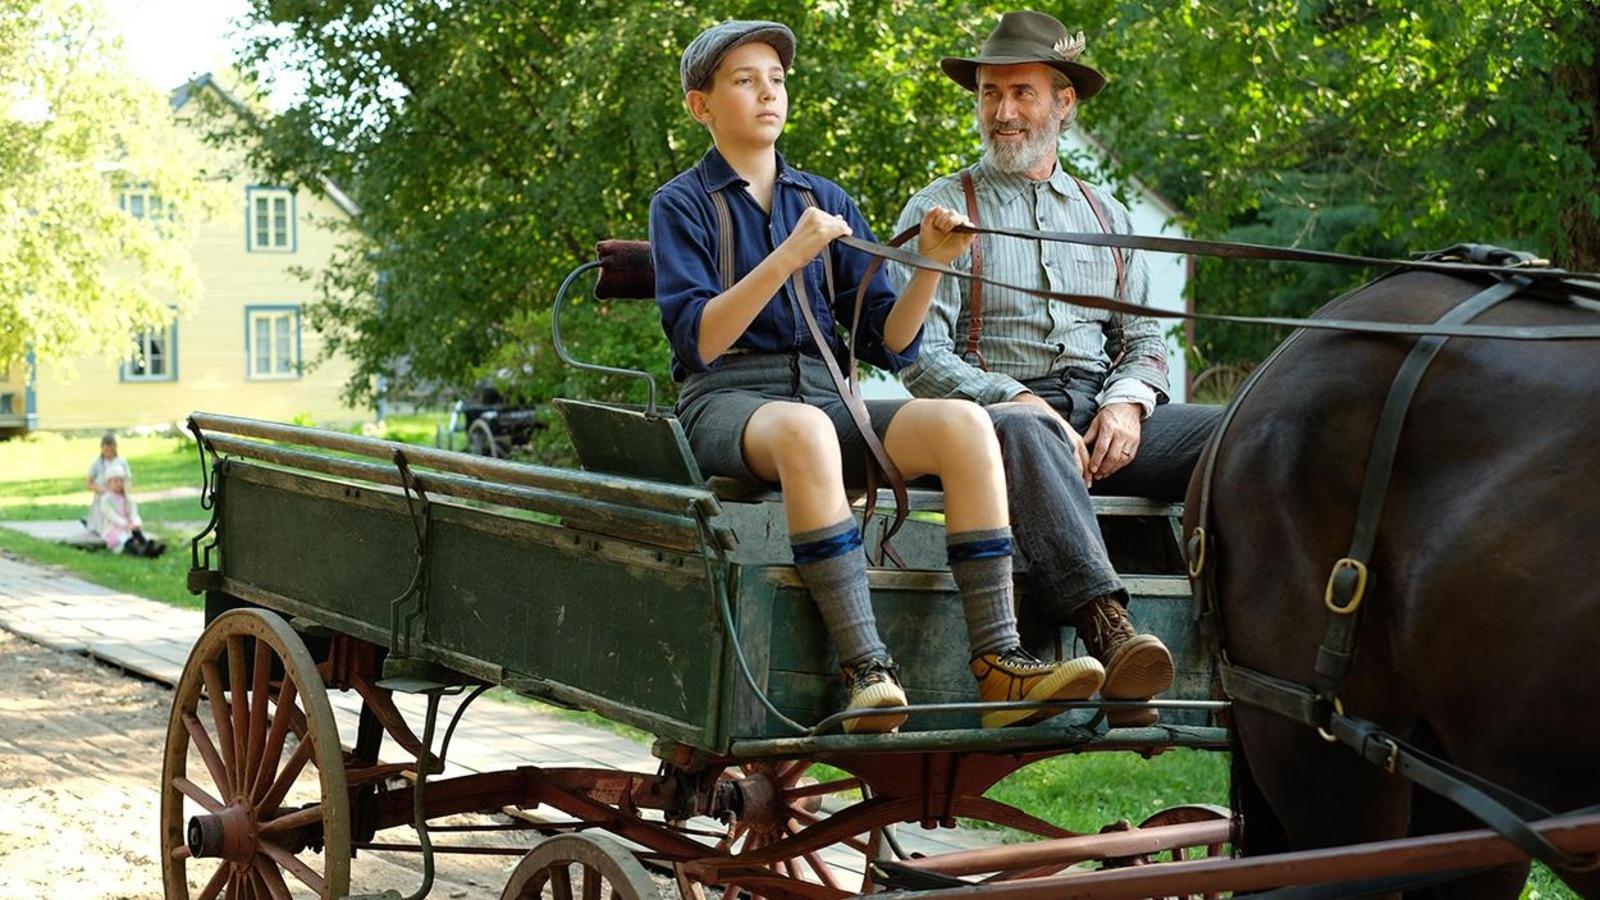 Un père et son fils conduisent une carriole